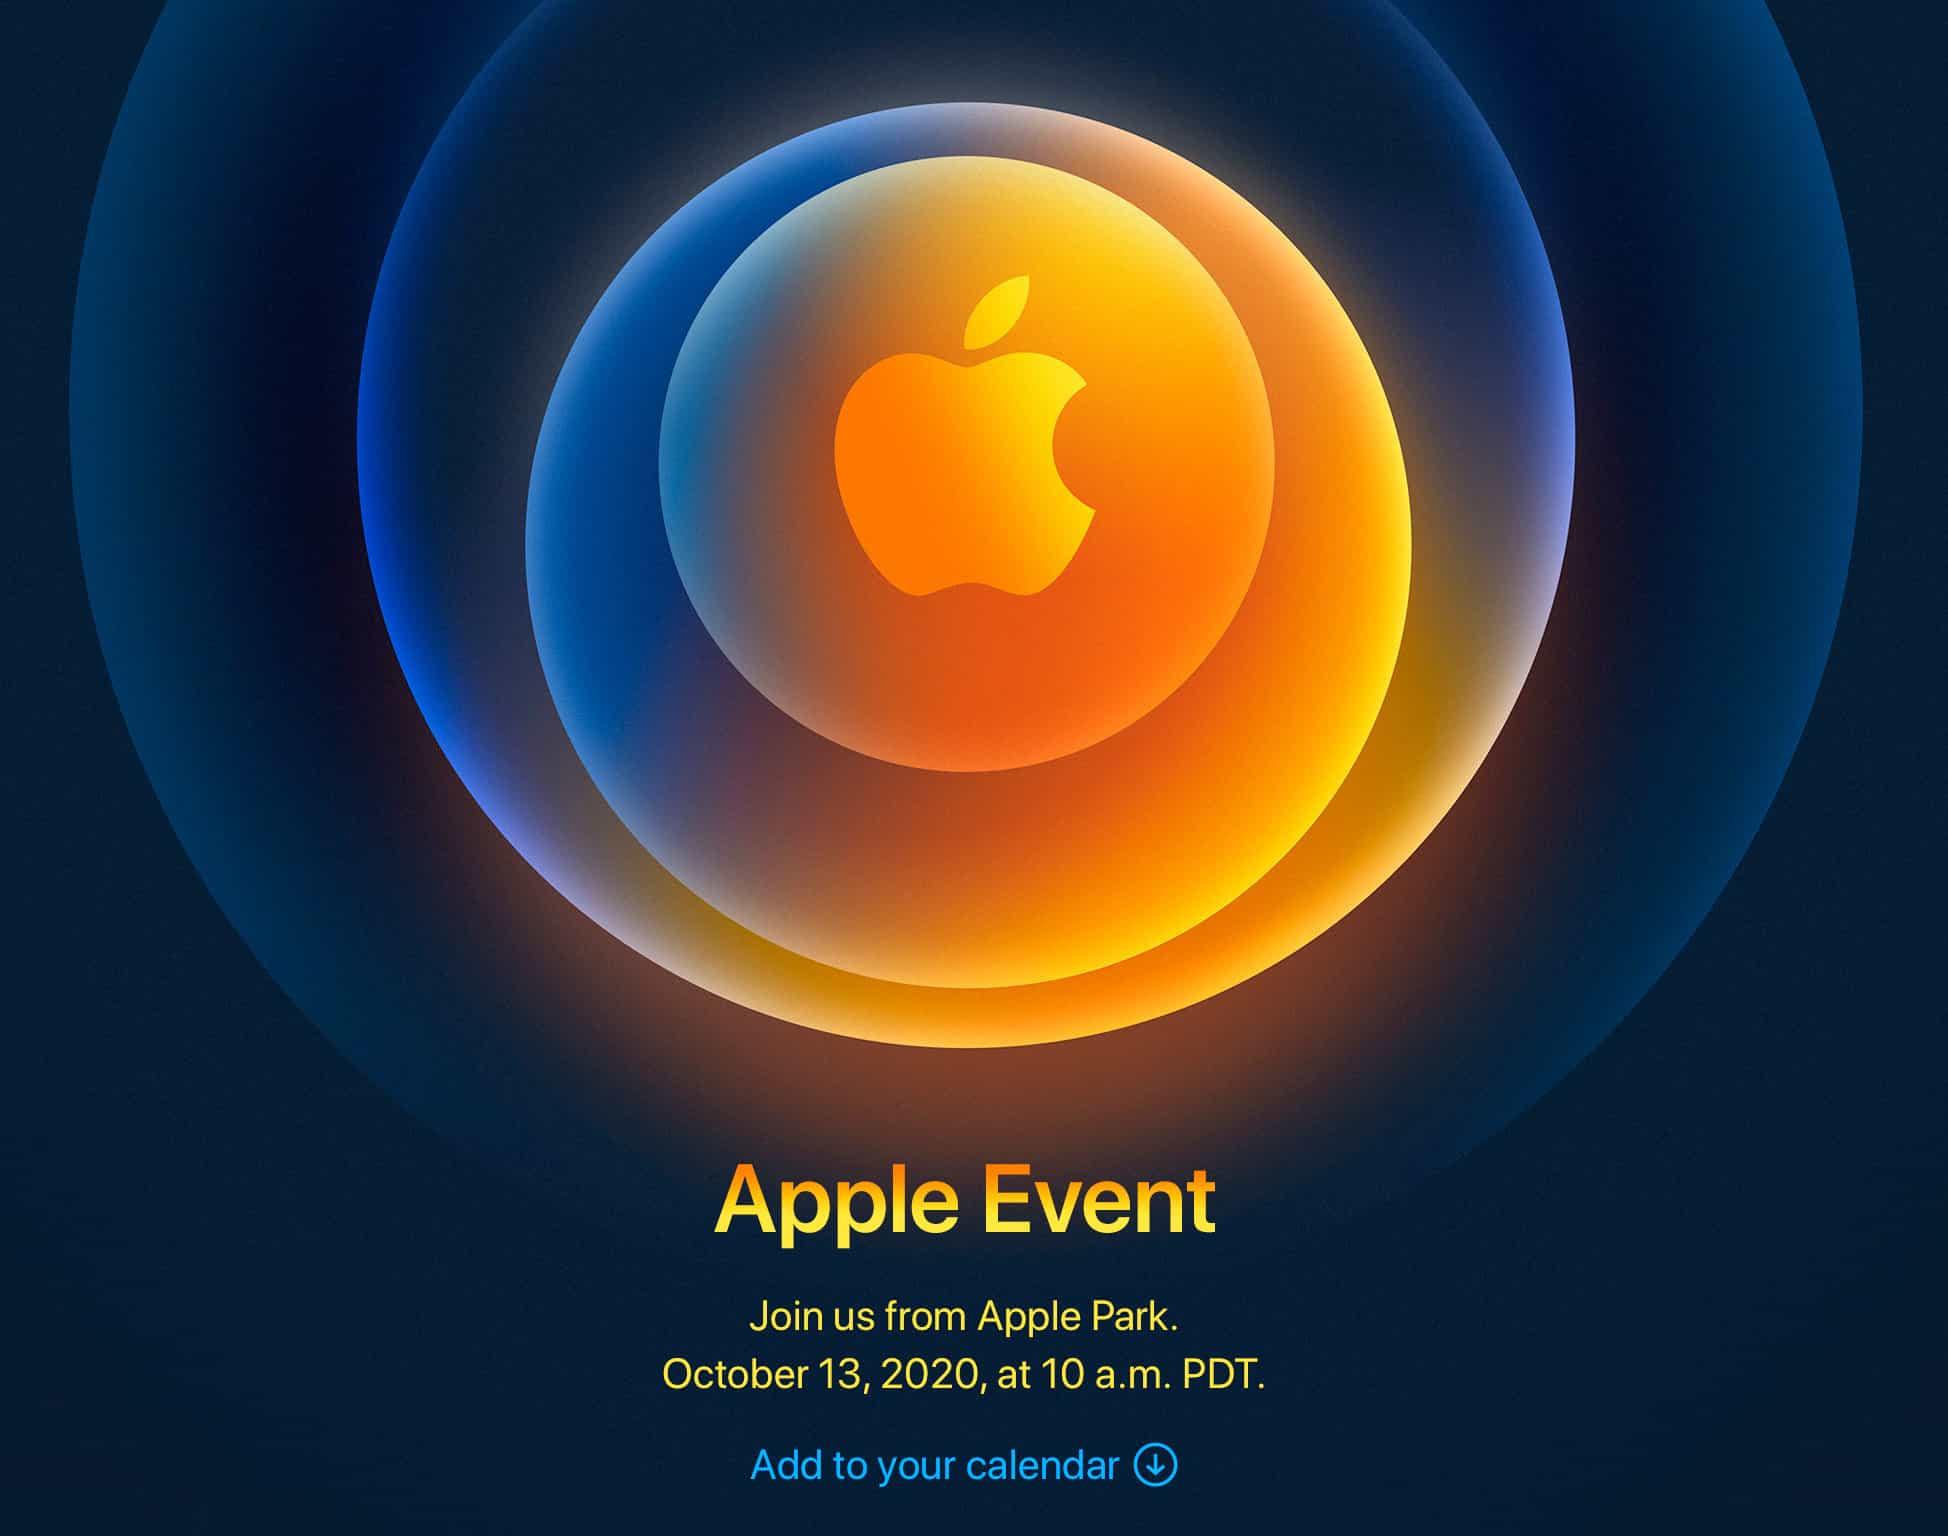 Apple EventでiPhone 12が登場したら買いますか?